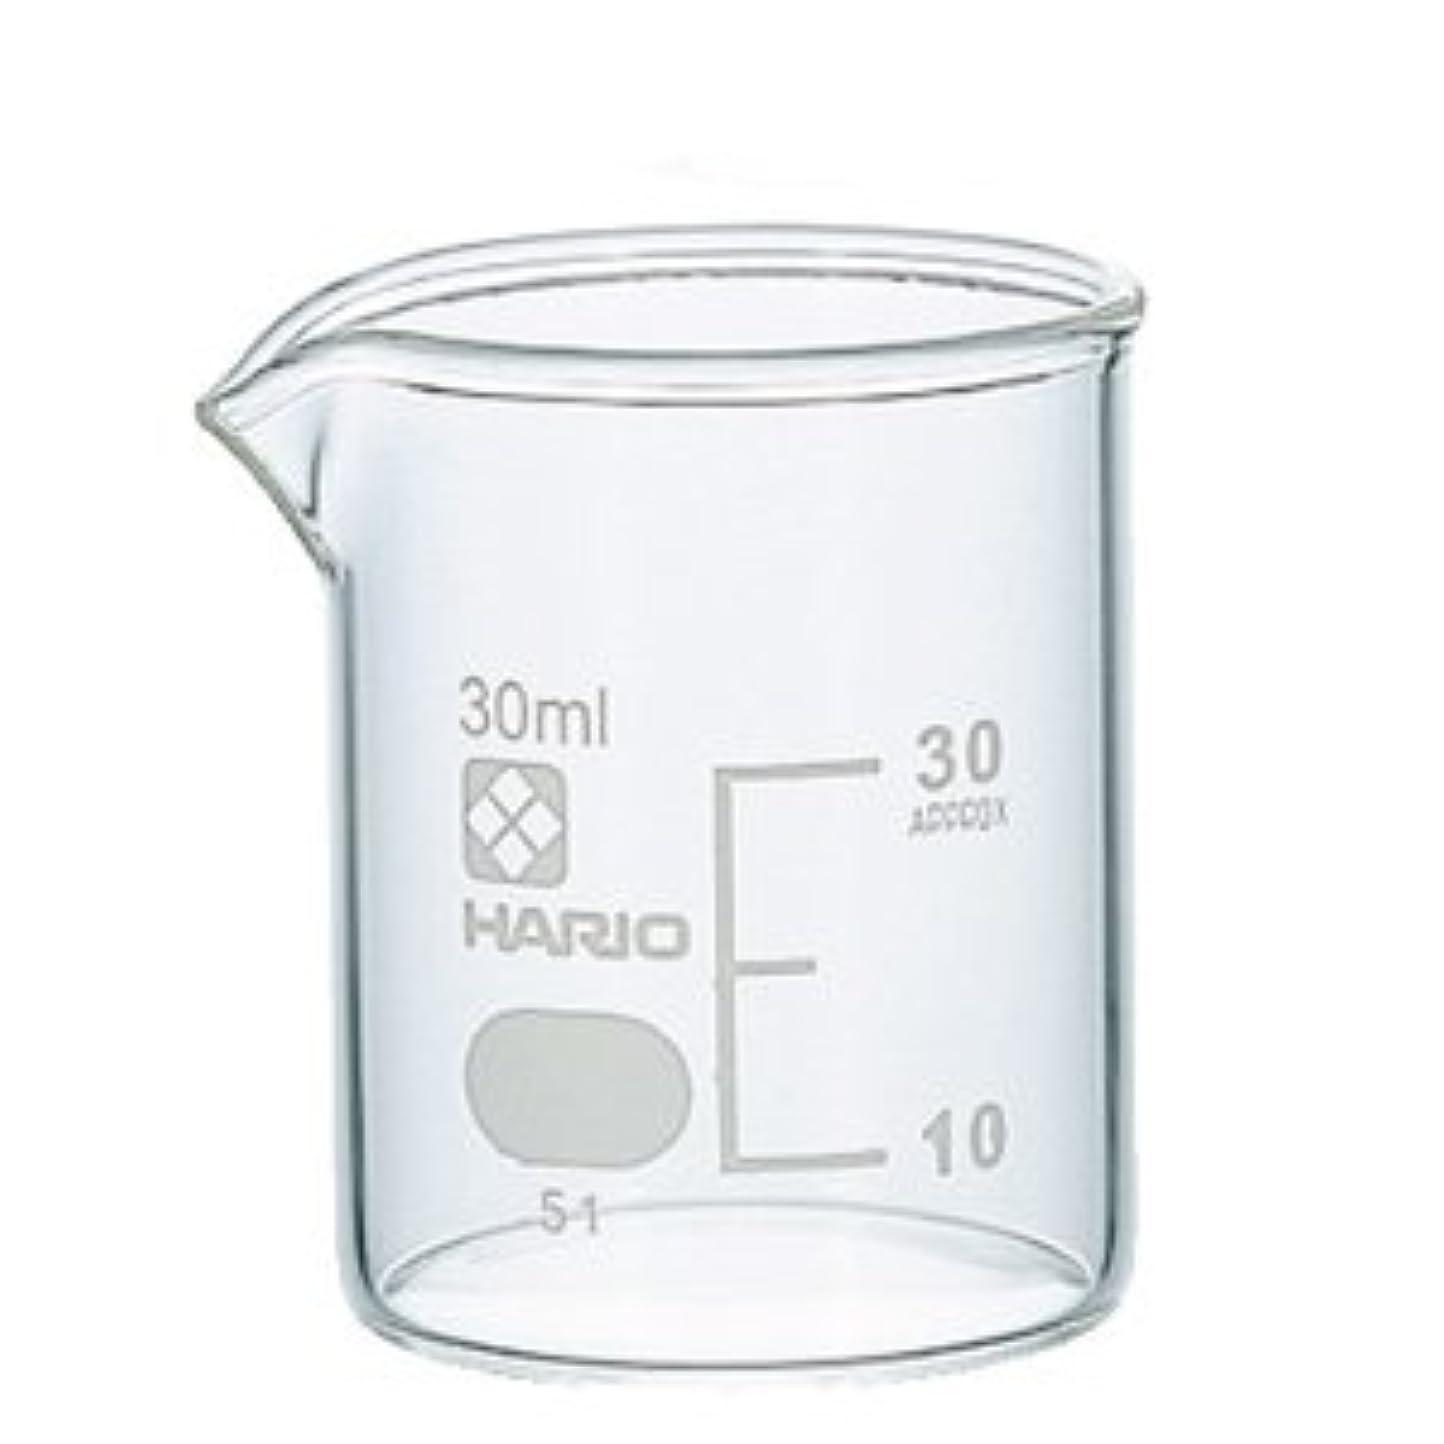 氷女王ヘルシーガラスビーカー 30ml 【手作り石鹸/手作りコスメ/手作り化粧品】